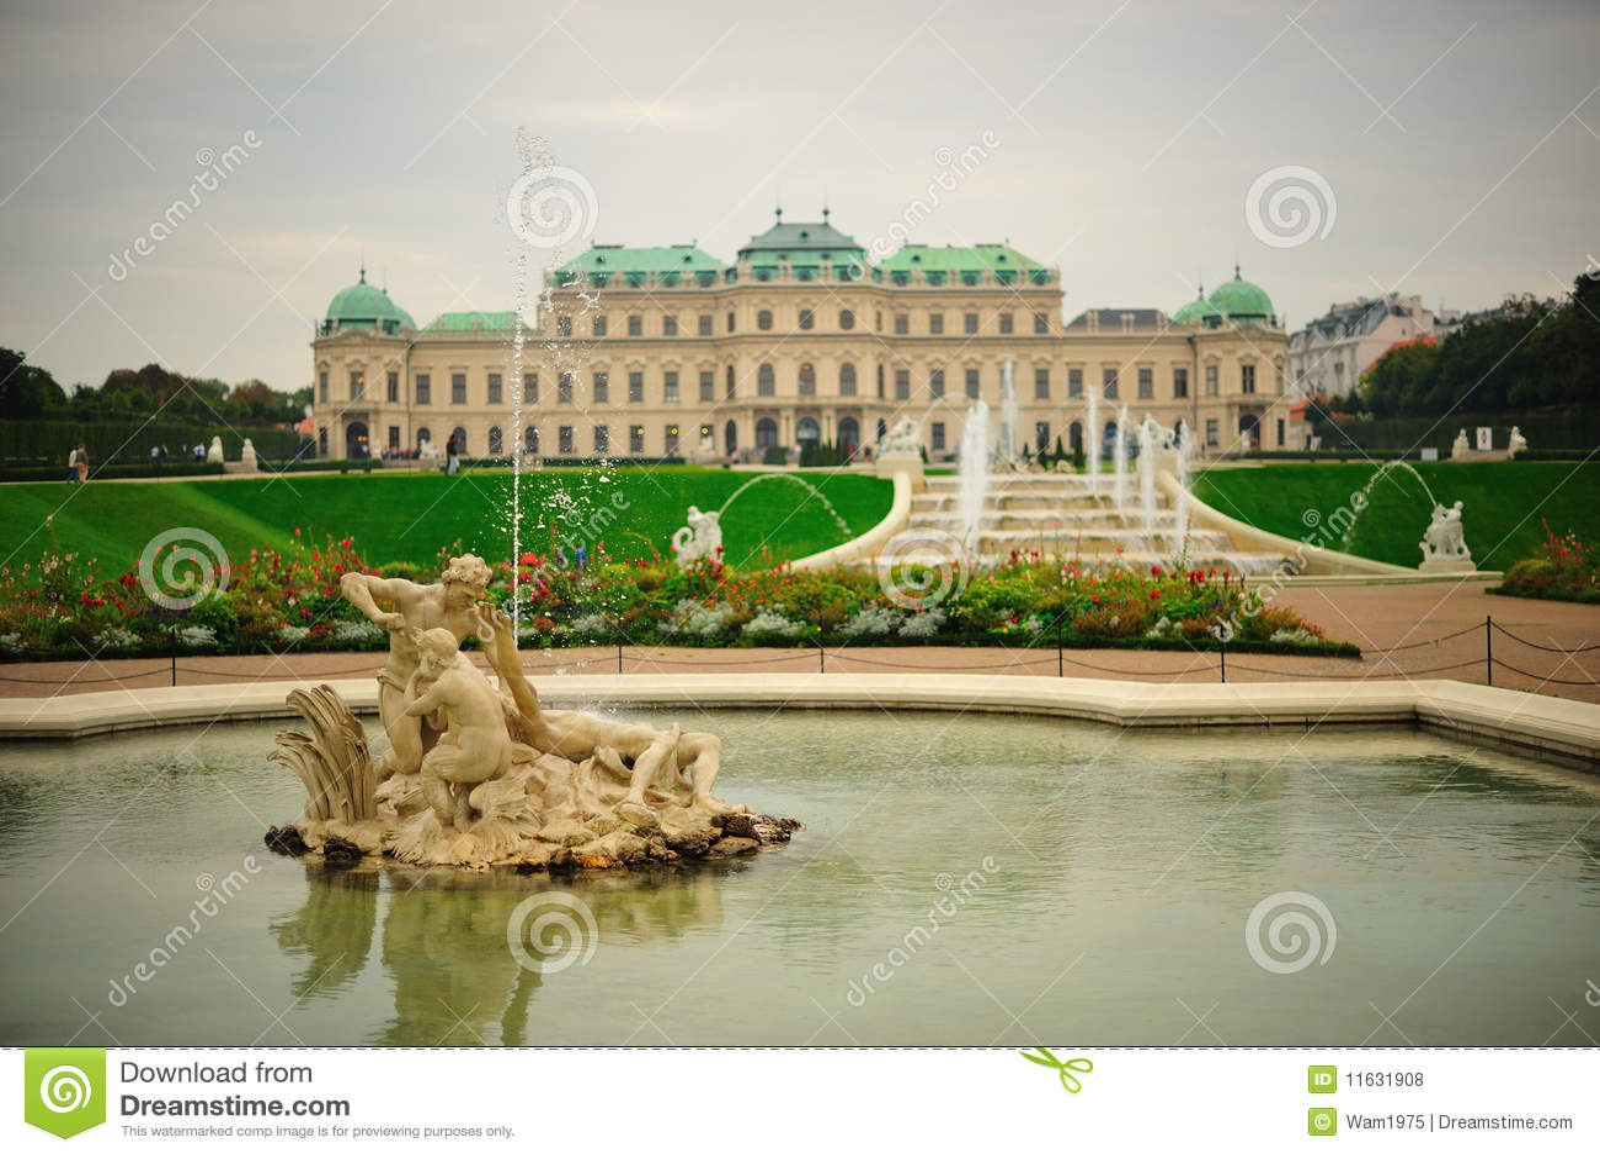 Palácio do Belvedere